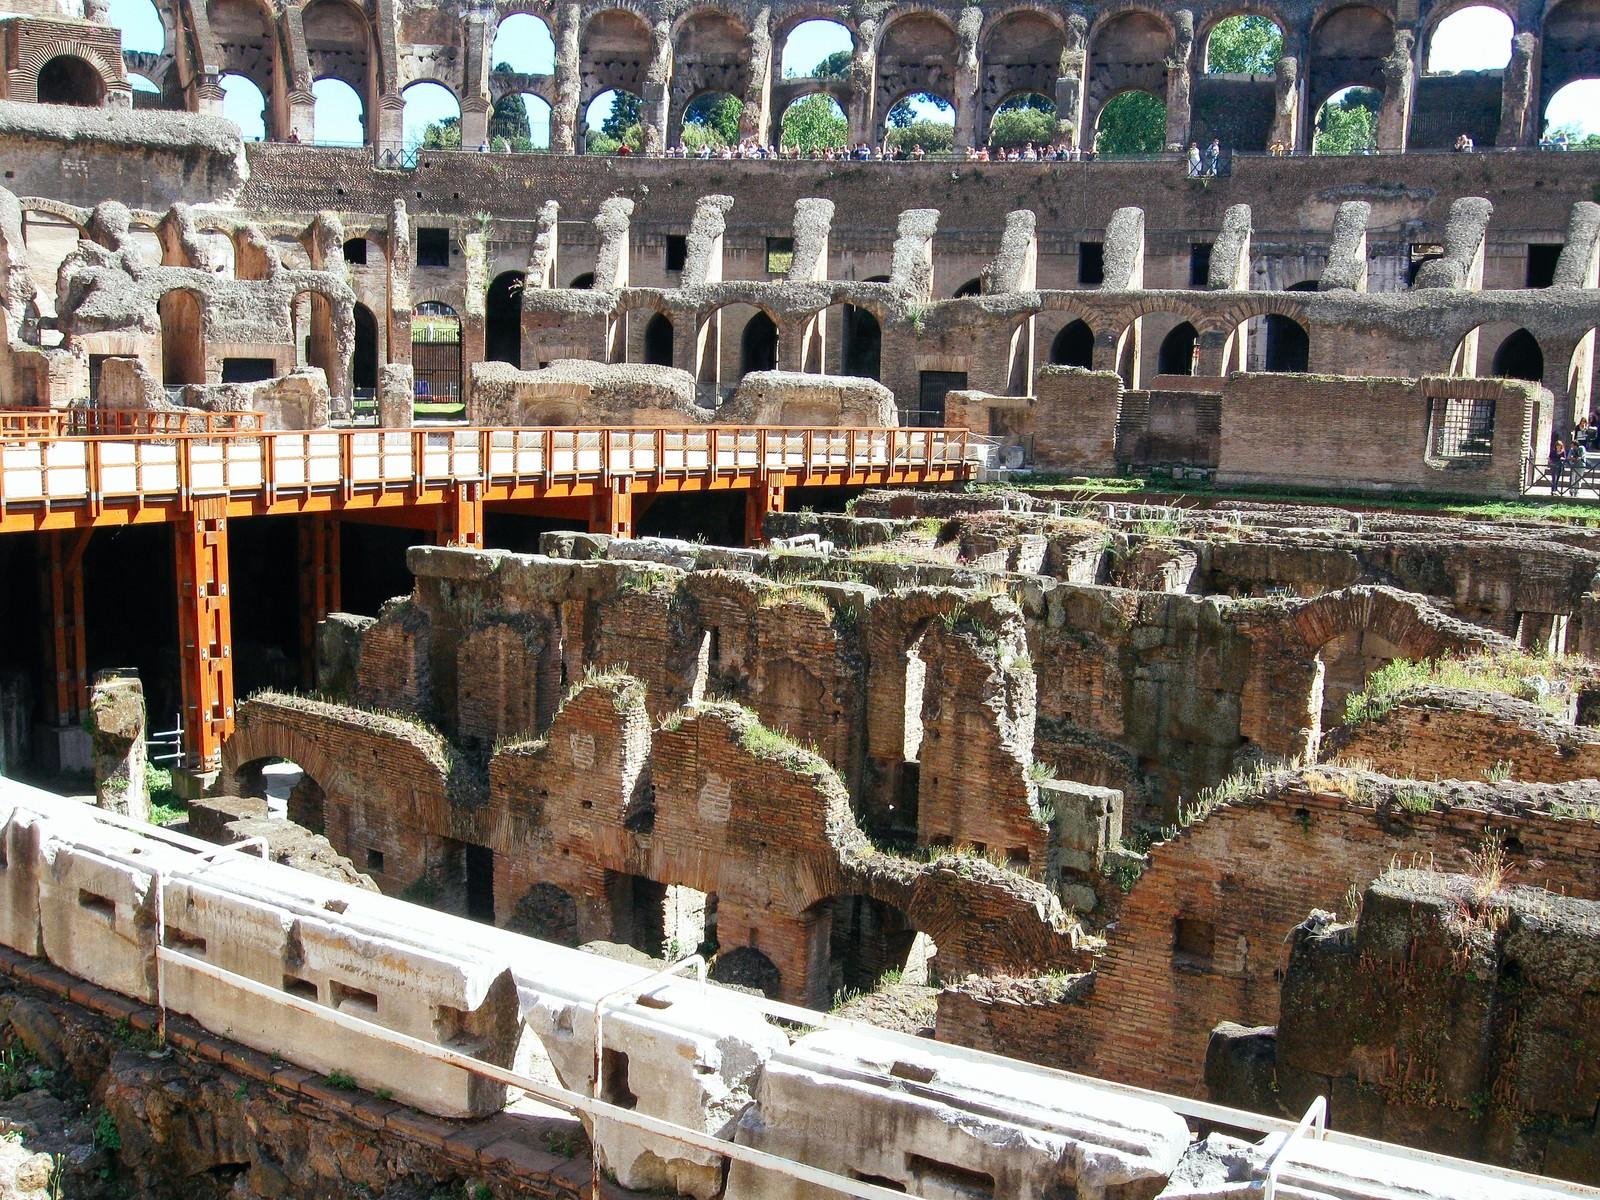 「世界遺産のコロッセオ闘技場跡」の写真